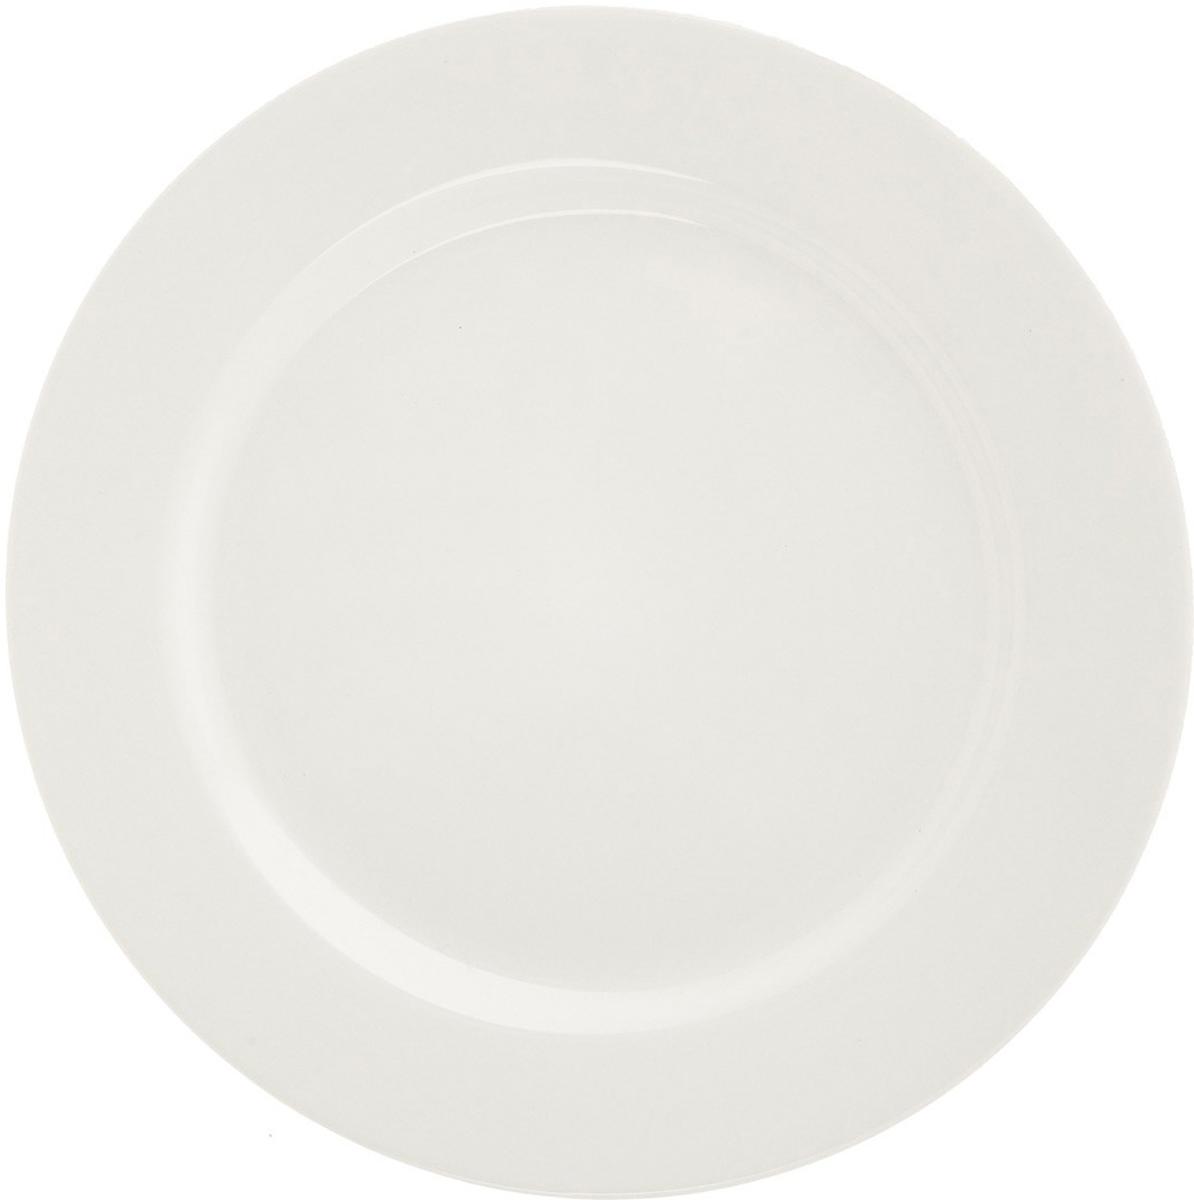 Тарелка десертная Eschenbach, цвет: белый, диаметр 23,5 см4981/235Накопленный десятилетиями опыт и следование традициям известнейших мастеров в сочетании с новейшими технологиями производства делают фарфоровую посуду Eschenbach настоящим символом утонченного качества, произведением искусства, признаком хорошего вкуса.Представители компании своей основной задачей считают помощь владельцам ресторанного и гостиничного бизнеса создавать по-настоящему красивые, уютные и элитные заведения. Огромный ассортимент позволит даже самым взыскательным покупателям подобрать что-то свое. Салатницы, соусники, отдельные блюда и множество других изделий отличаются тщательно продуманным дизайном, в котором традиции прошлого искусно сочетаются с требованиями современности. Посуда соответствует самым высоким функциональным стандартам. Она используется в микроволновых печах, прекрасно моется в посудомоечных машинах, имеет множество европейских сертификатов и является настоящим символом традиционного немецкого качества.